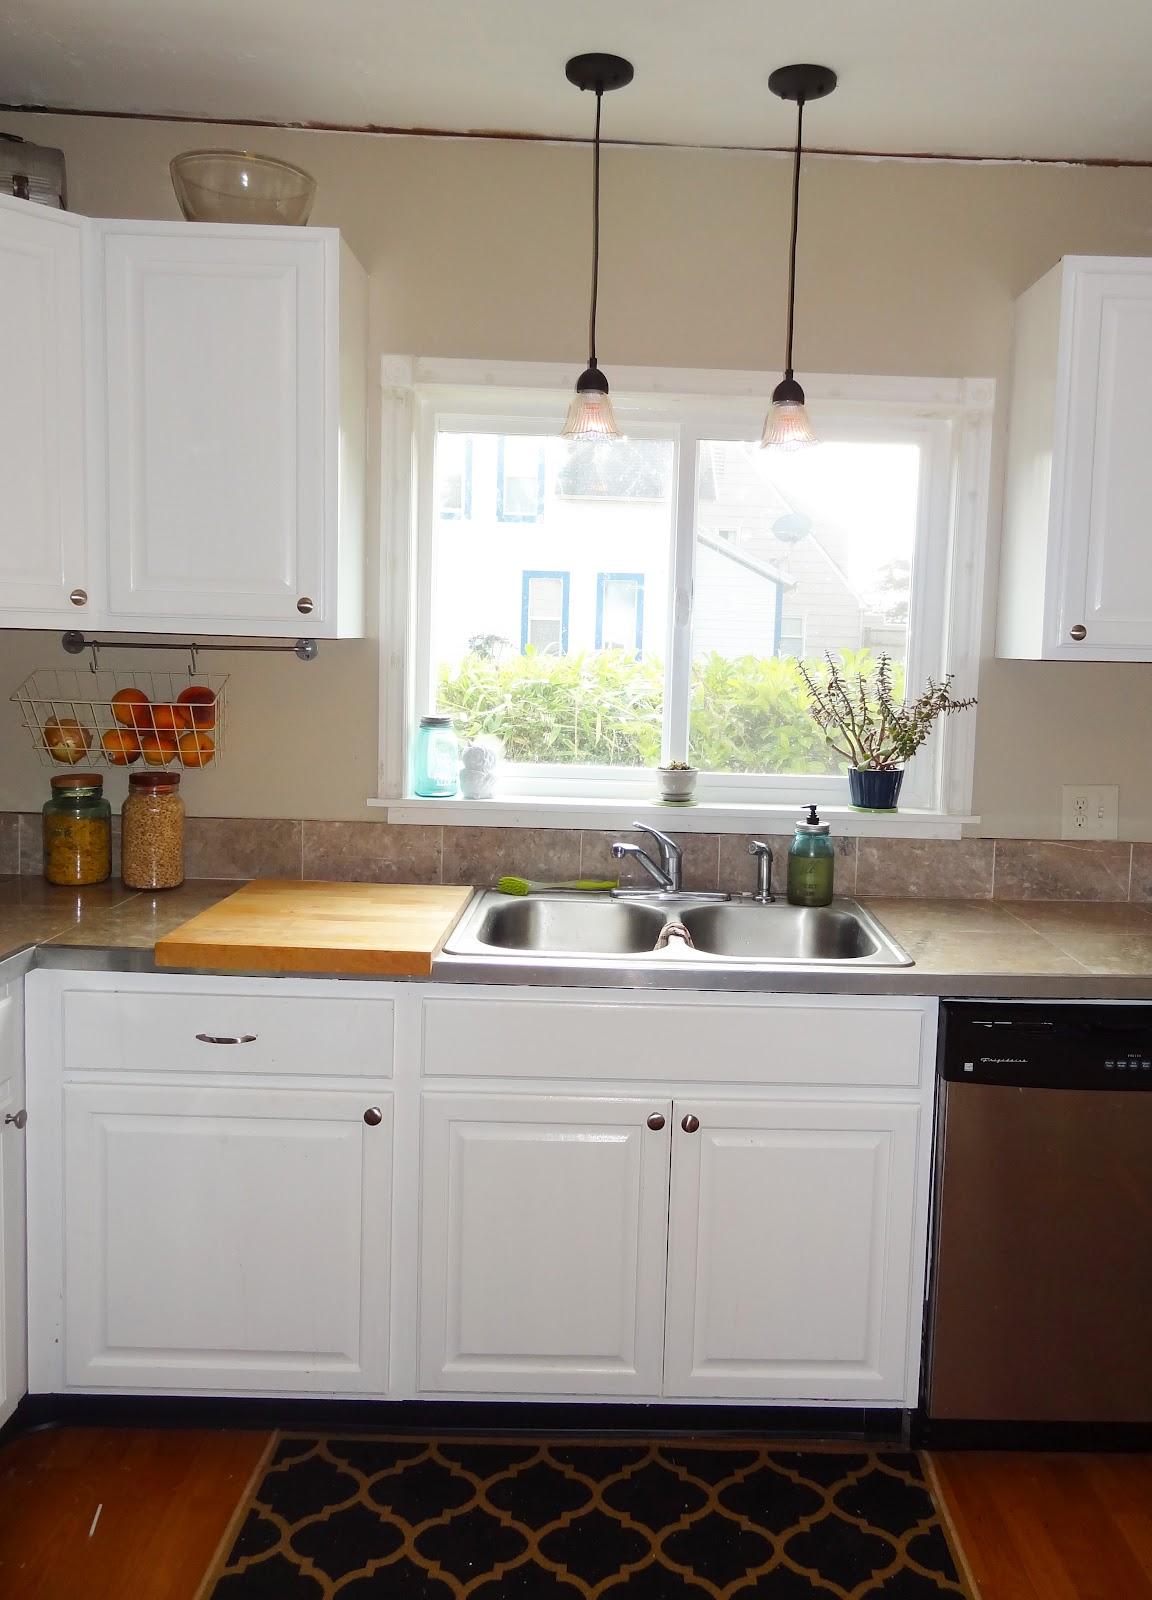 fresh clean kitchen window